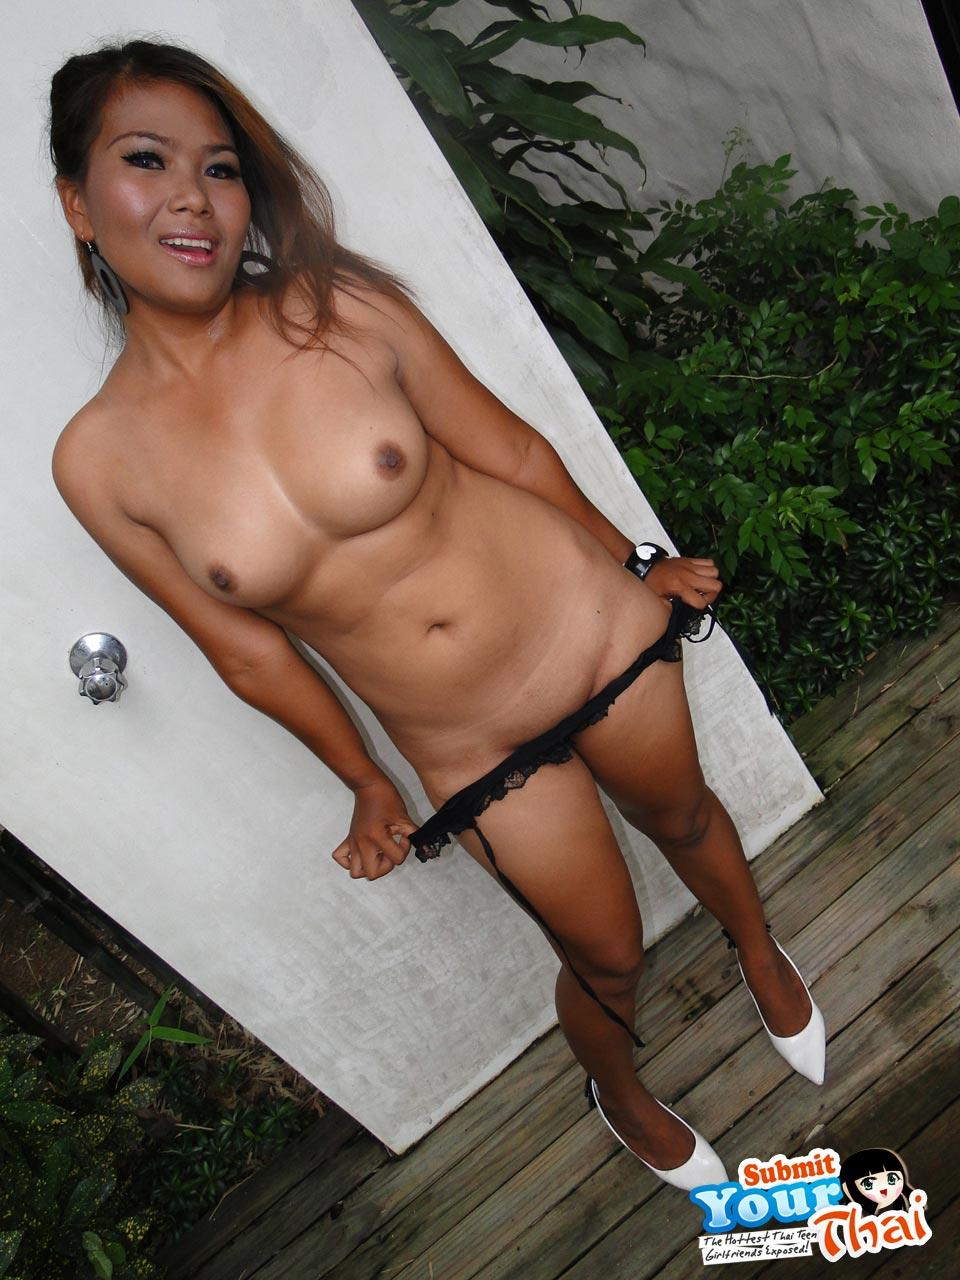 Sweet Faced Chubby Thai Girl With Nice Boobs  Asian Porn -9551